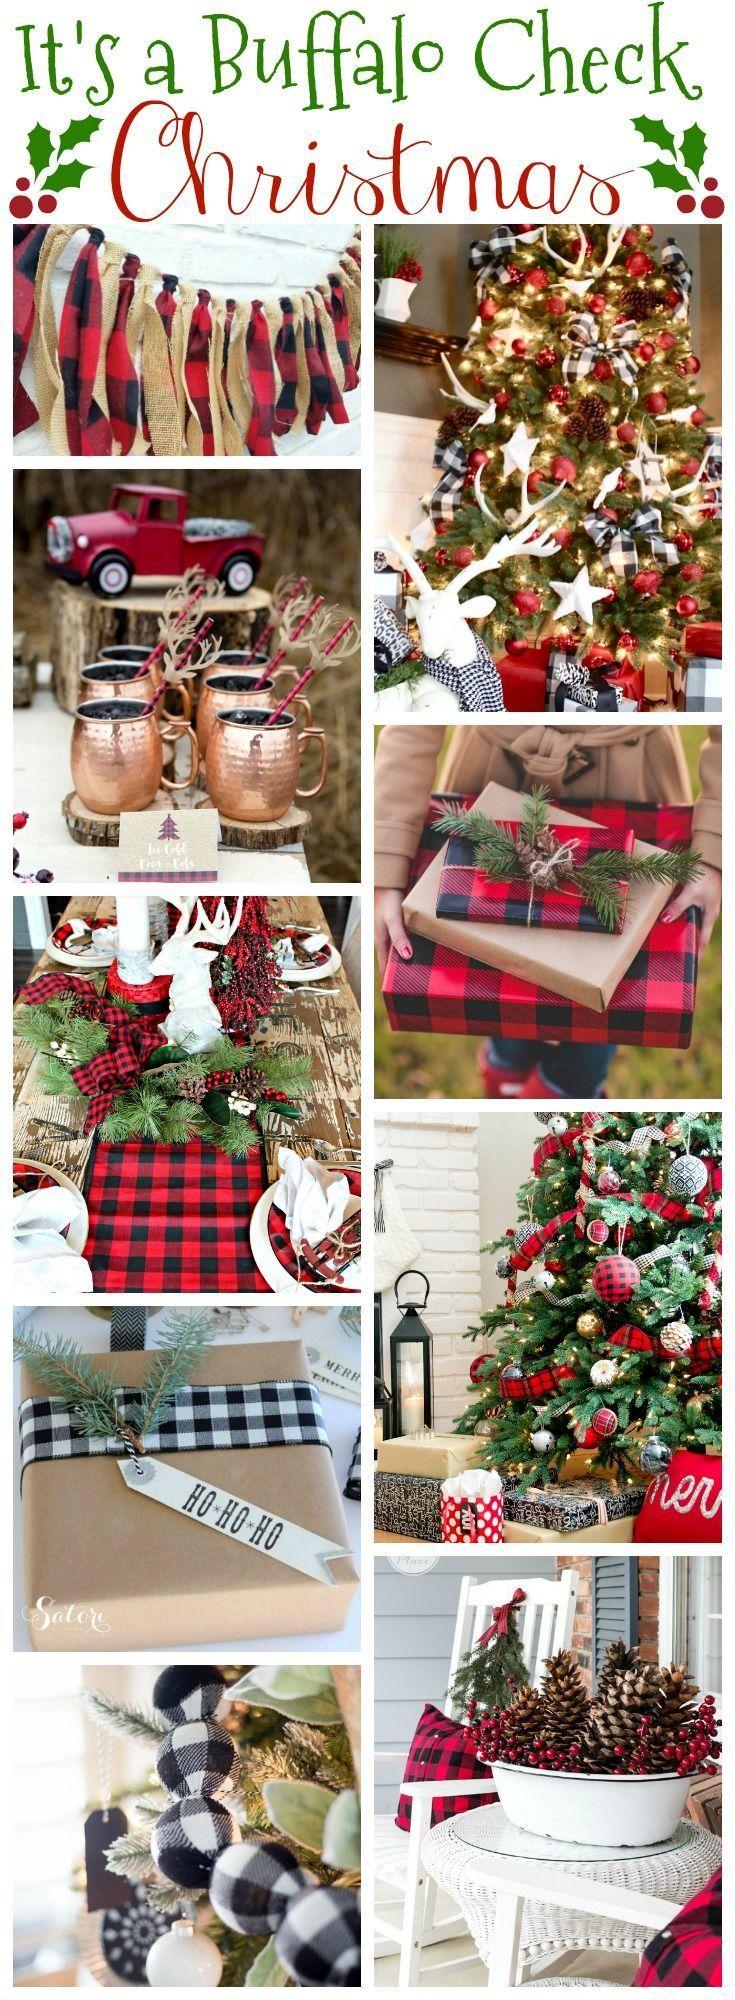 It's a buffalo check Christmas! Plaid and buffalo check Christmas decor inspiration!  #christmasdecor